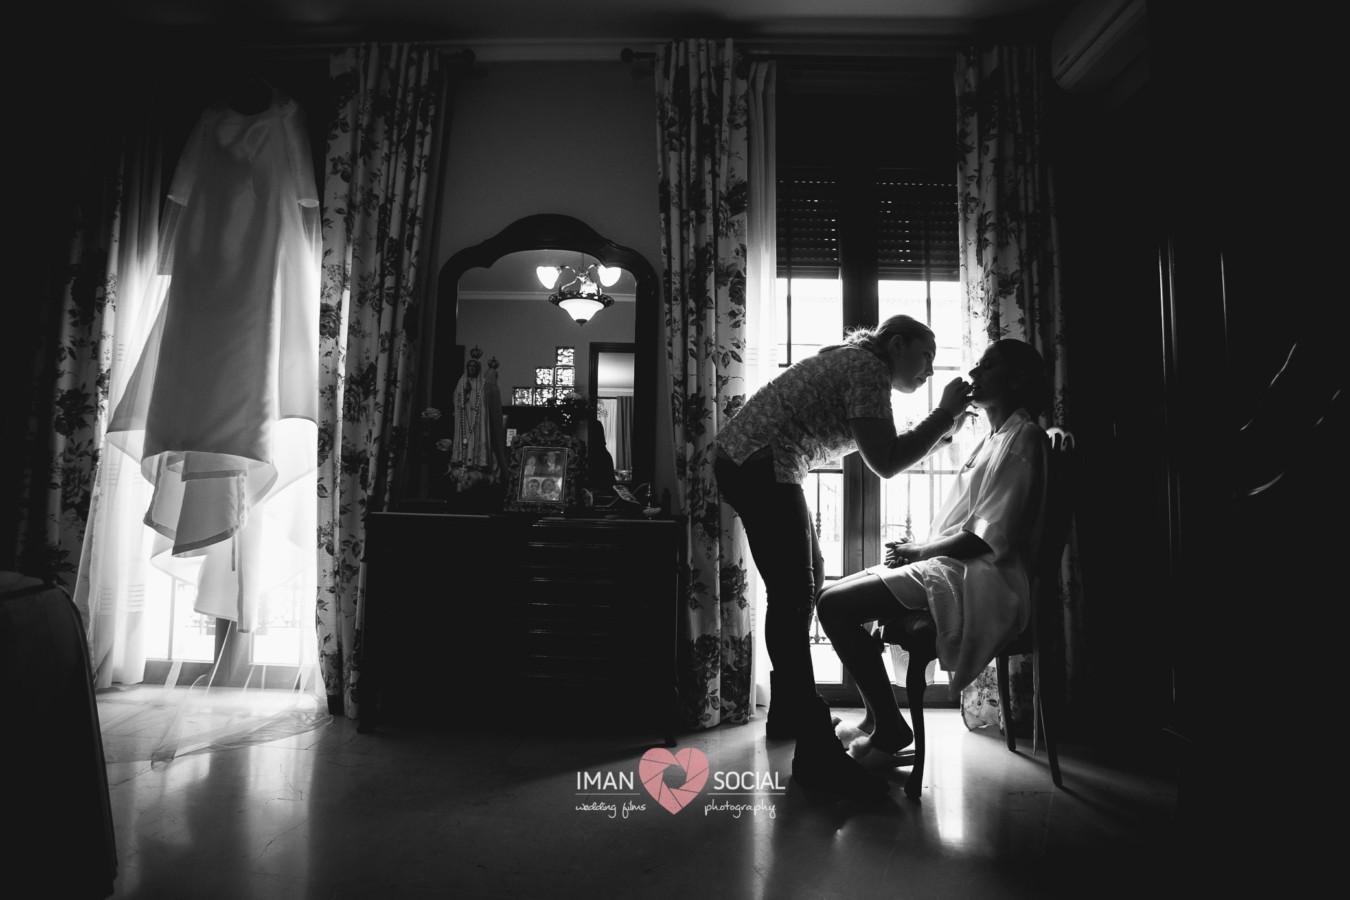 fotografo-de-boda-en-cordoba-sevilla-posadas-boda-auxi-y-antonio-19 Auxi & Antonio, primera boda de la temporada - video boda cordoba